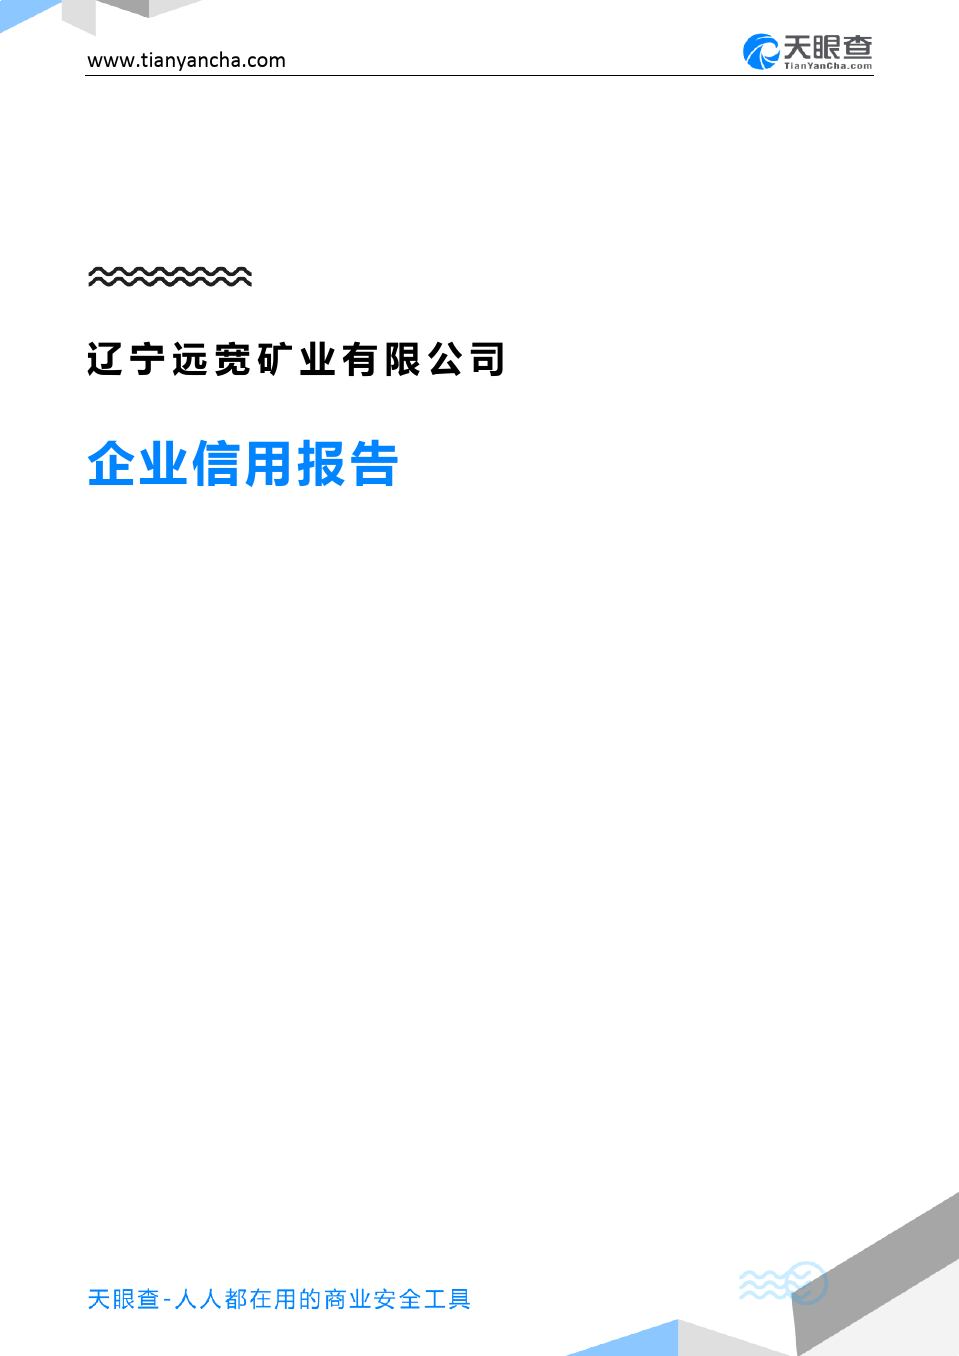 辽宁远宽矿业有限公司(企业信用报告)- 天眼查